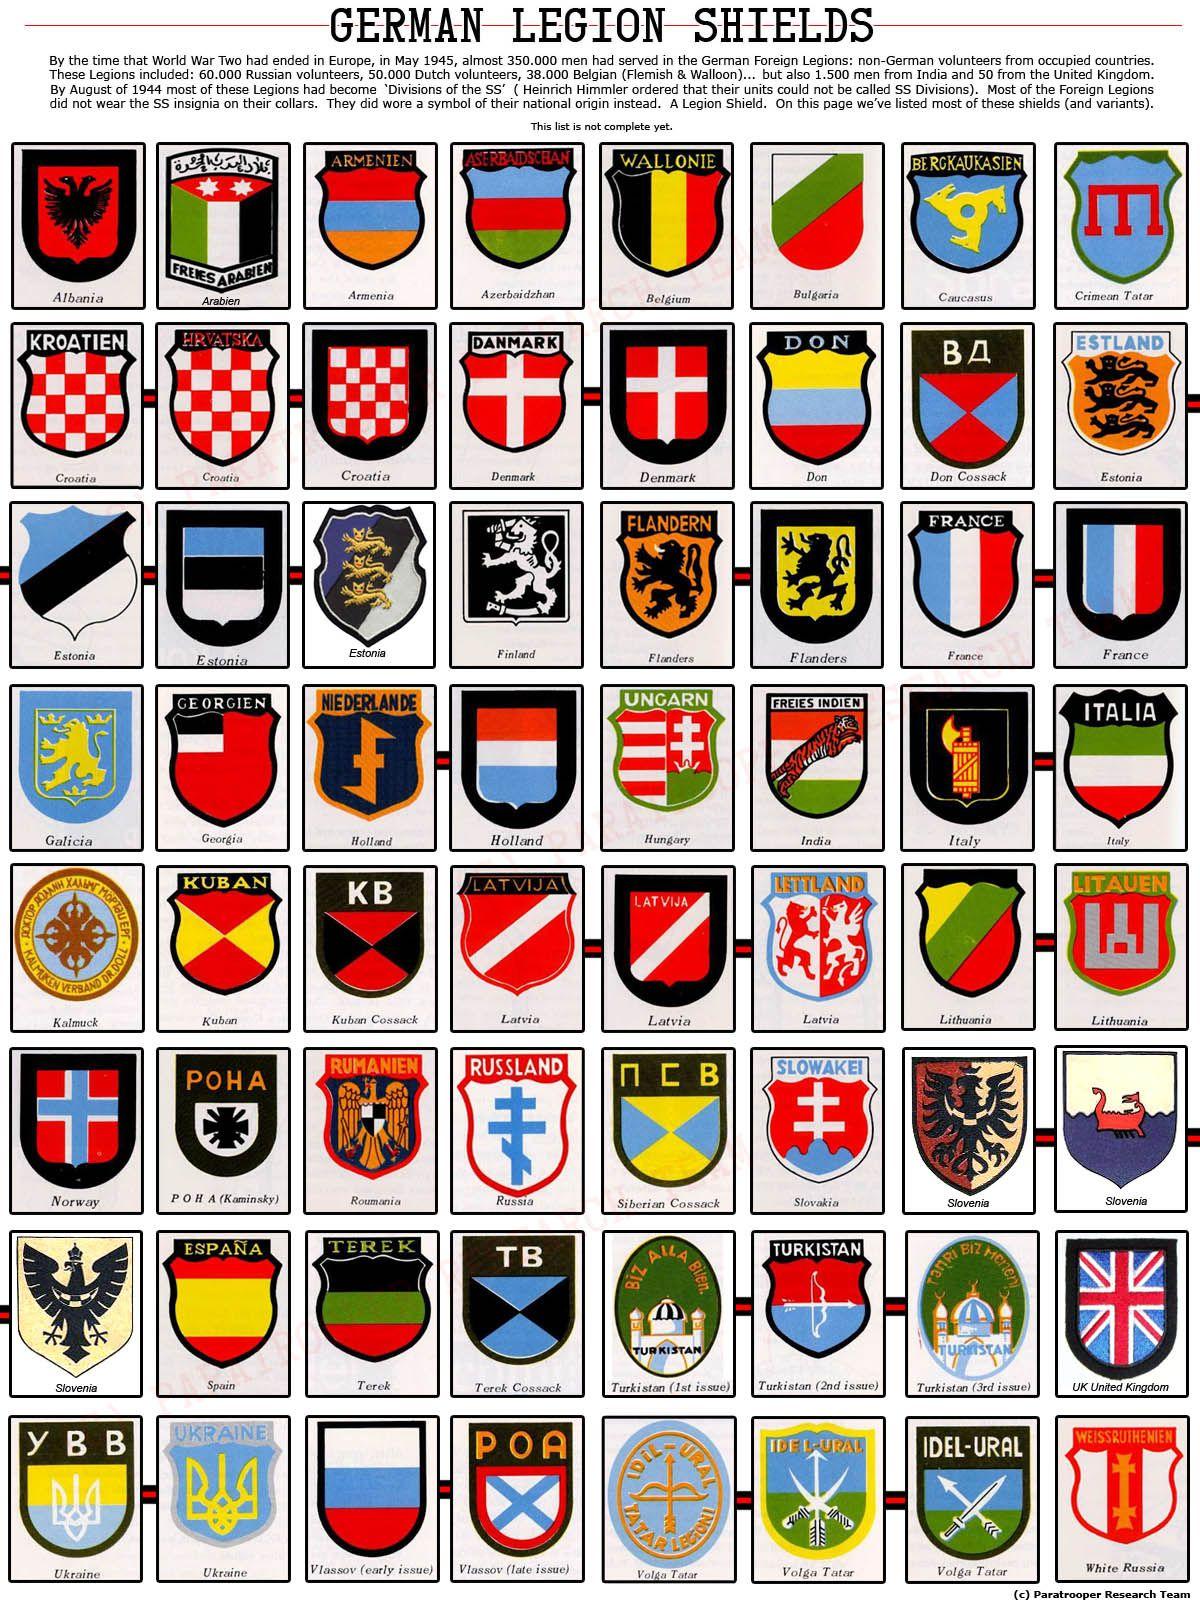 World war ii non german foreign volunteer legion shields